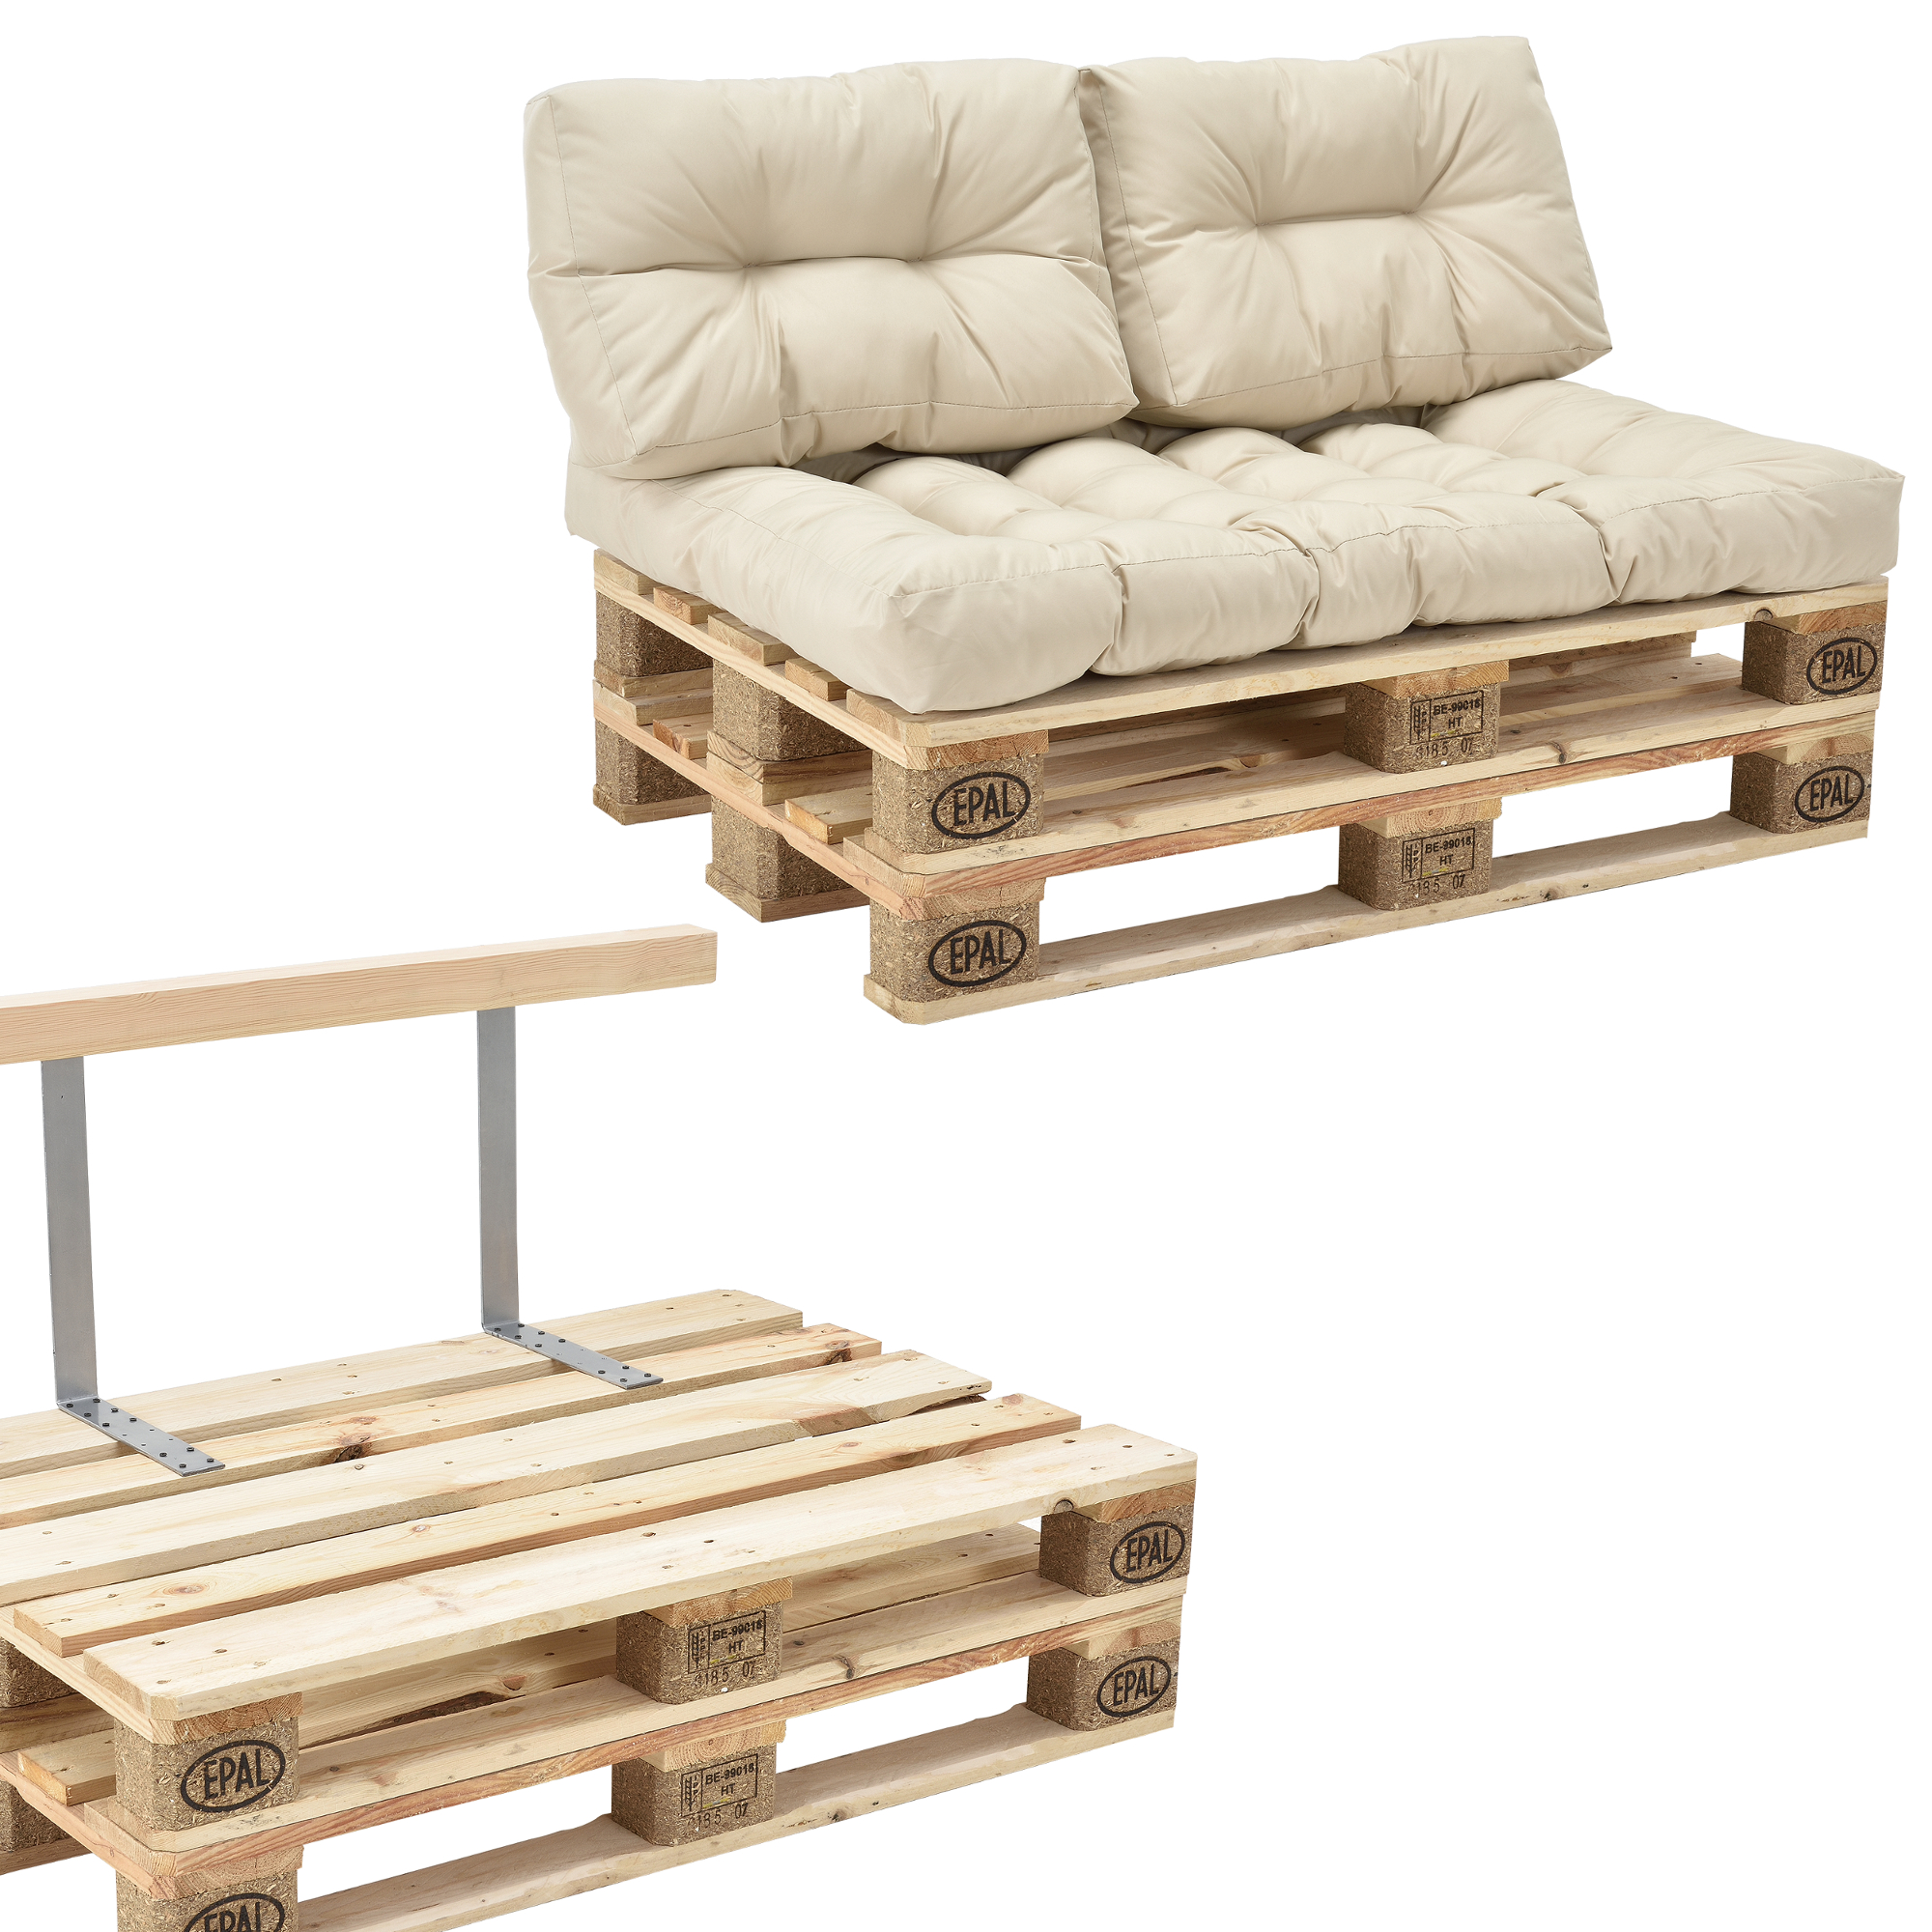 euro paletten sofa kissen beige 2 sitzer palettenpolster r ckenlehne ebay. Black Bedroom Furniture Sets. Home Design Ideas